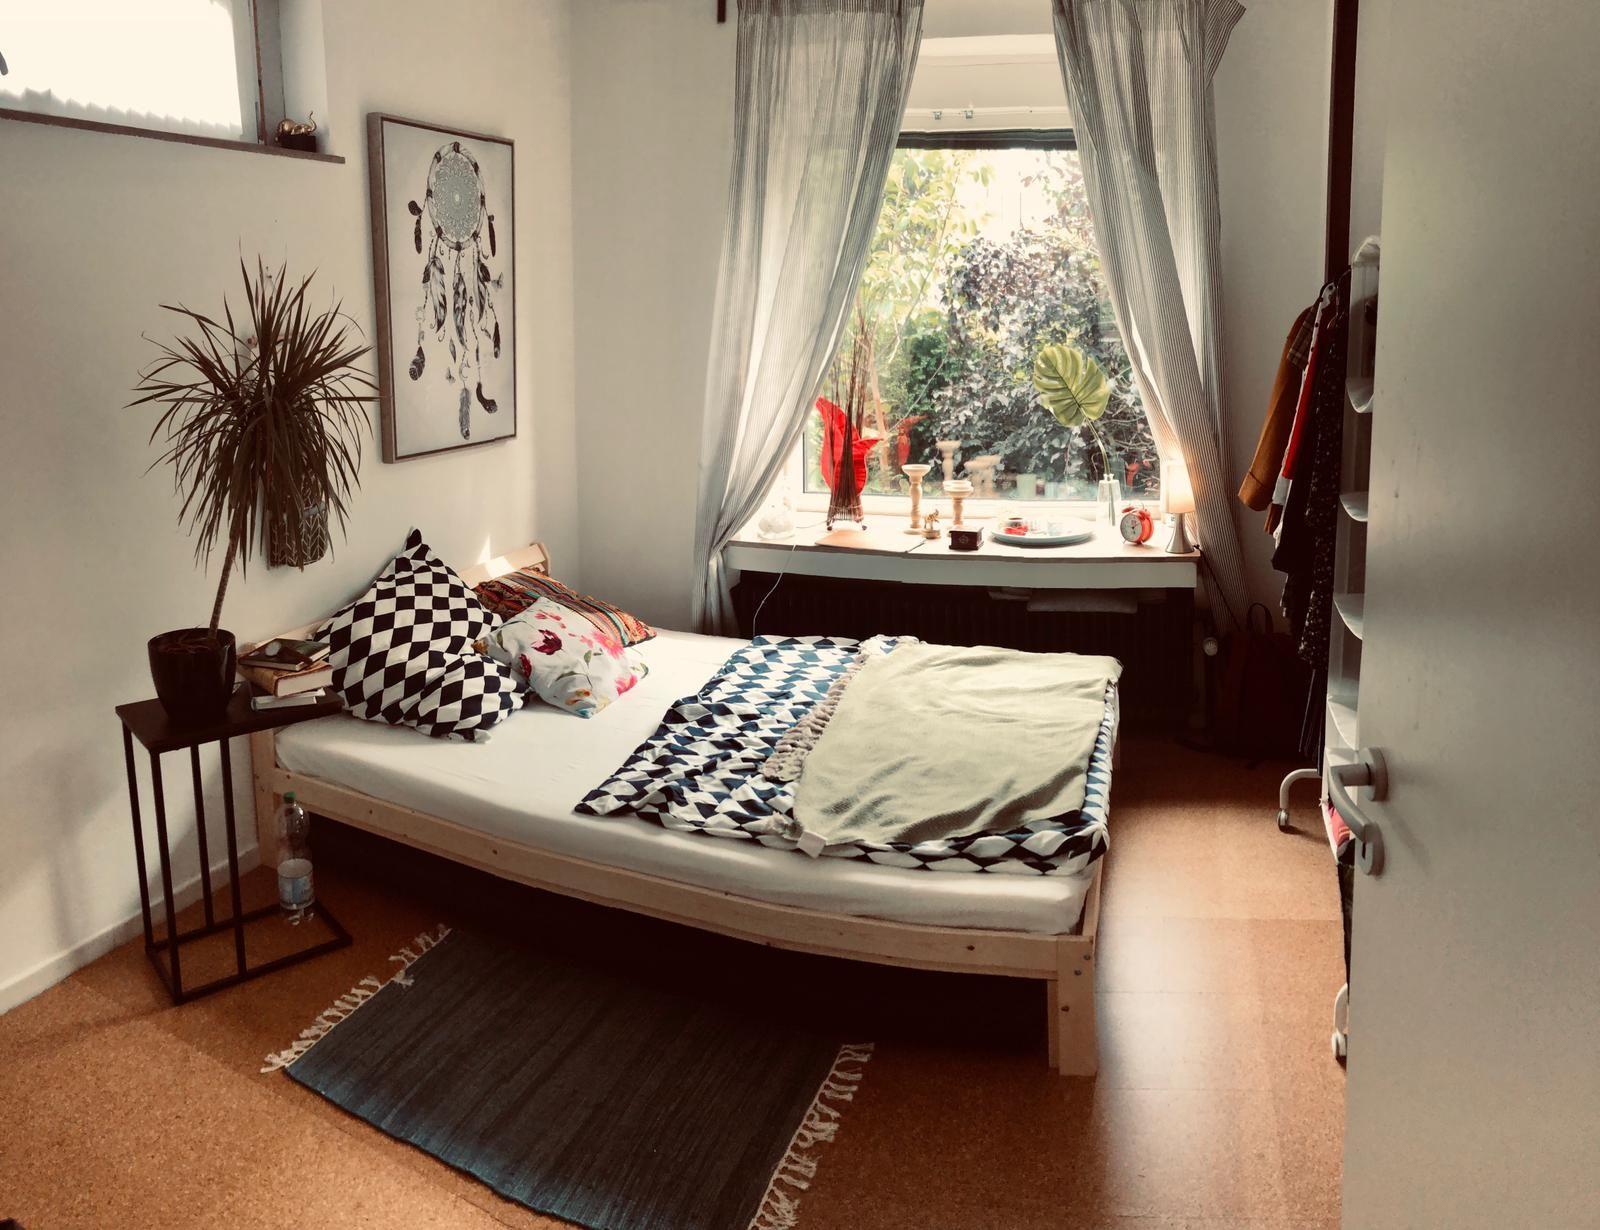 Dieses Schone Wg Zimmer Befindet Sich In Bremen Und Ist Zur Zwischenmiete Frei Wg Wggesucht Wgzimmer Bremen Schlafzimmer Bedroom Home Room Home Decor